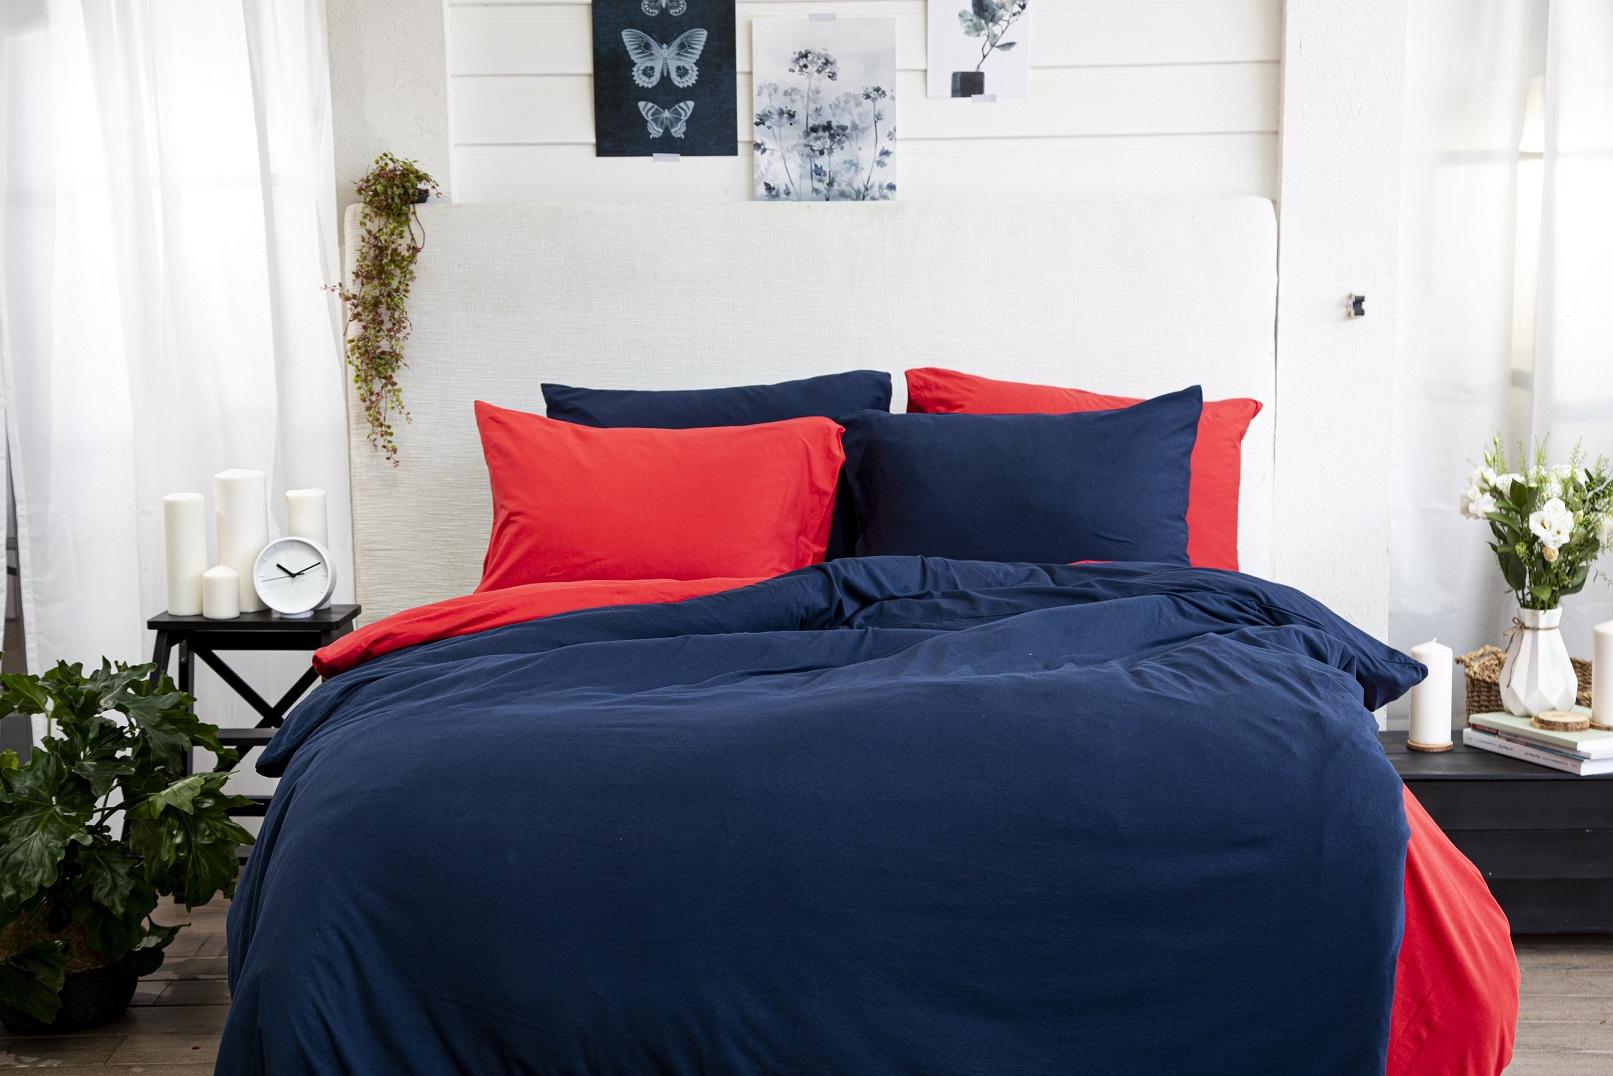 ורדינון, מיקס אדום וכחול מבד ג'רסי, צילום: דן לב